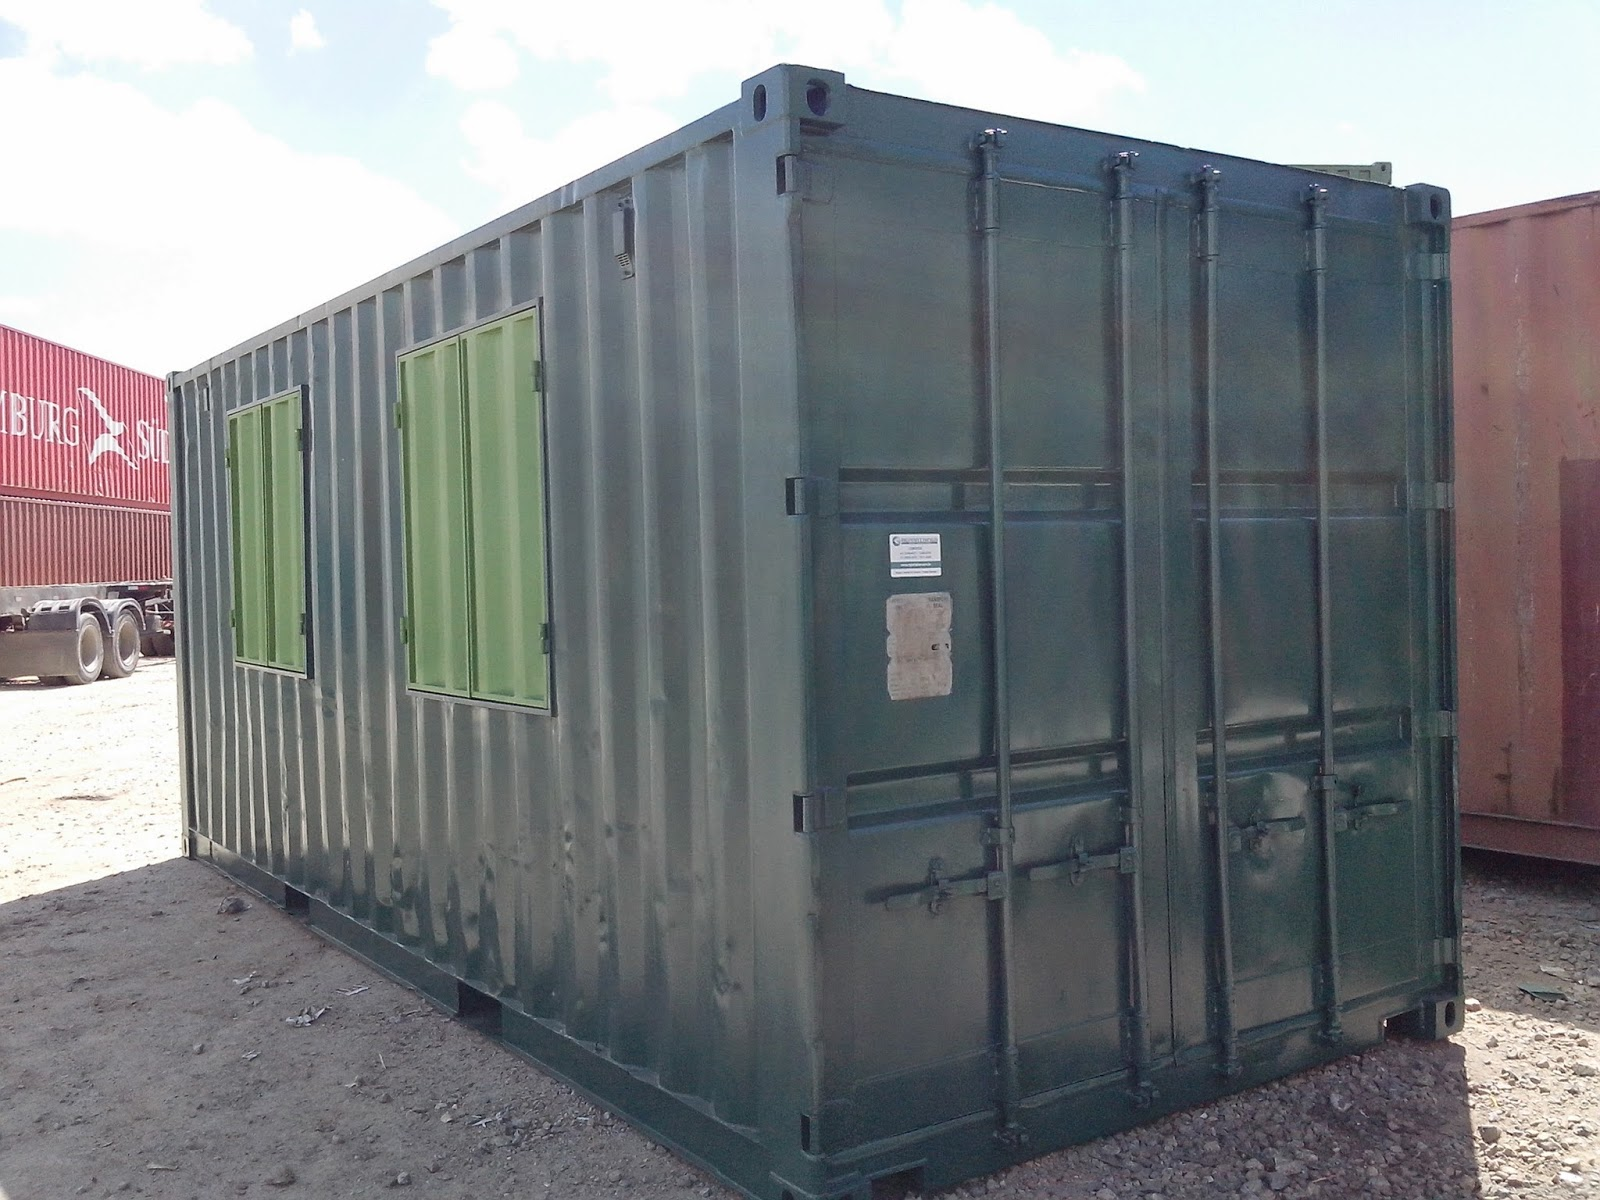 REPARTAINER Projetos e Comércio de Containers: SERVIÇOS #8A414D 1600x1200 Banheiro Adaptado Dimensões